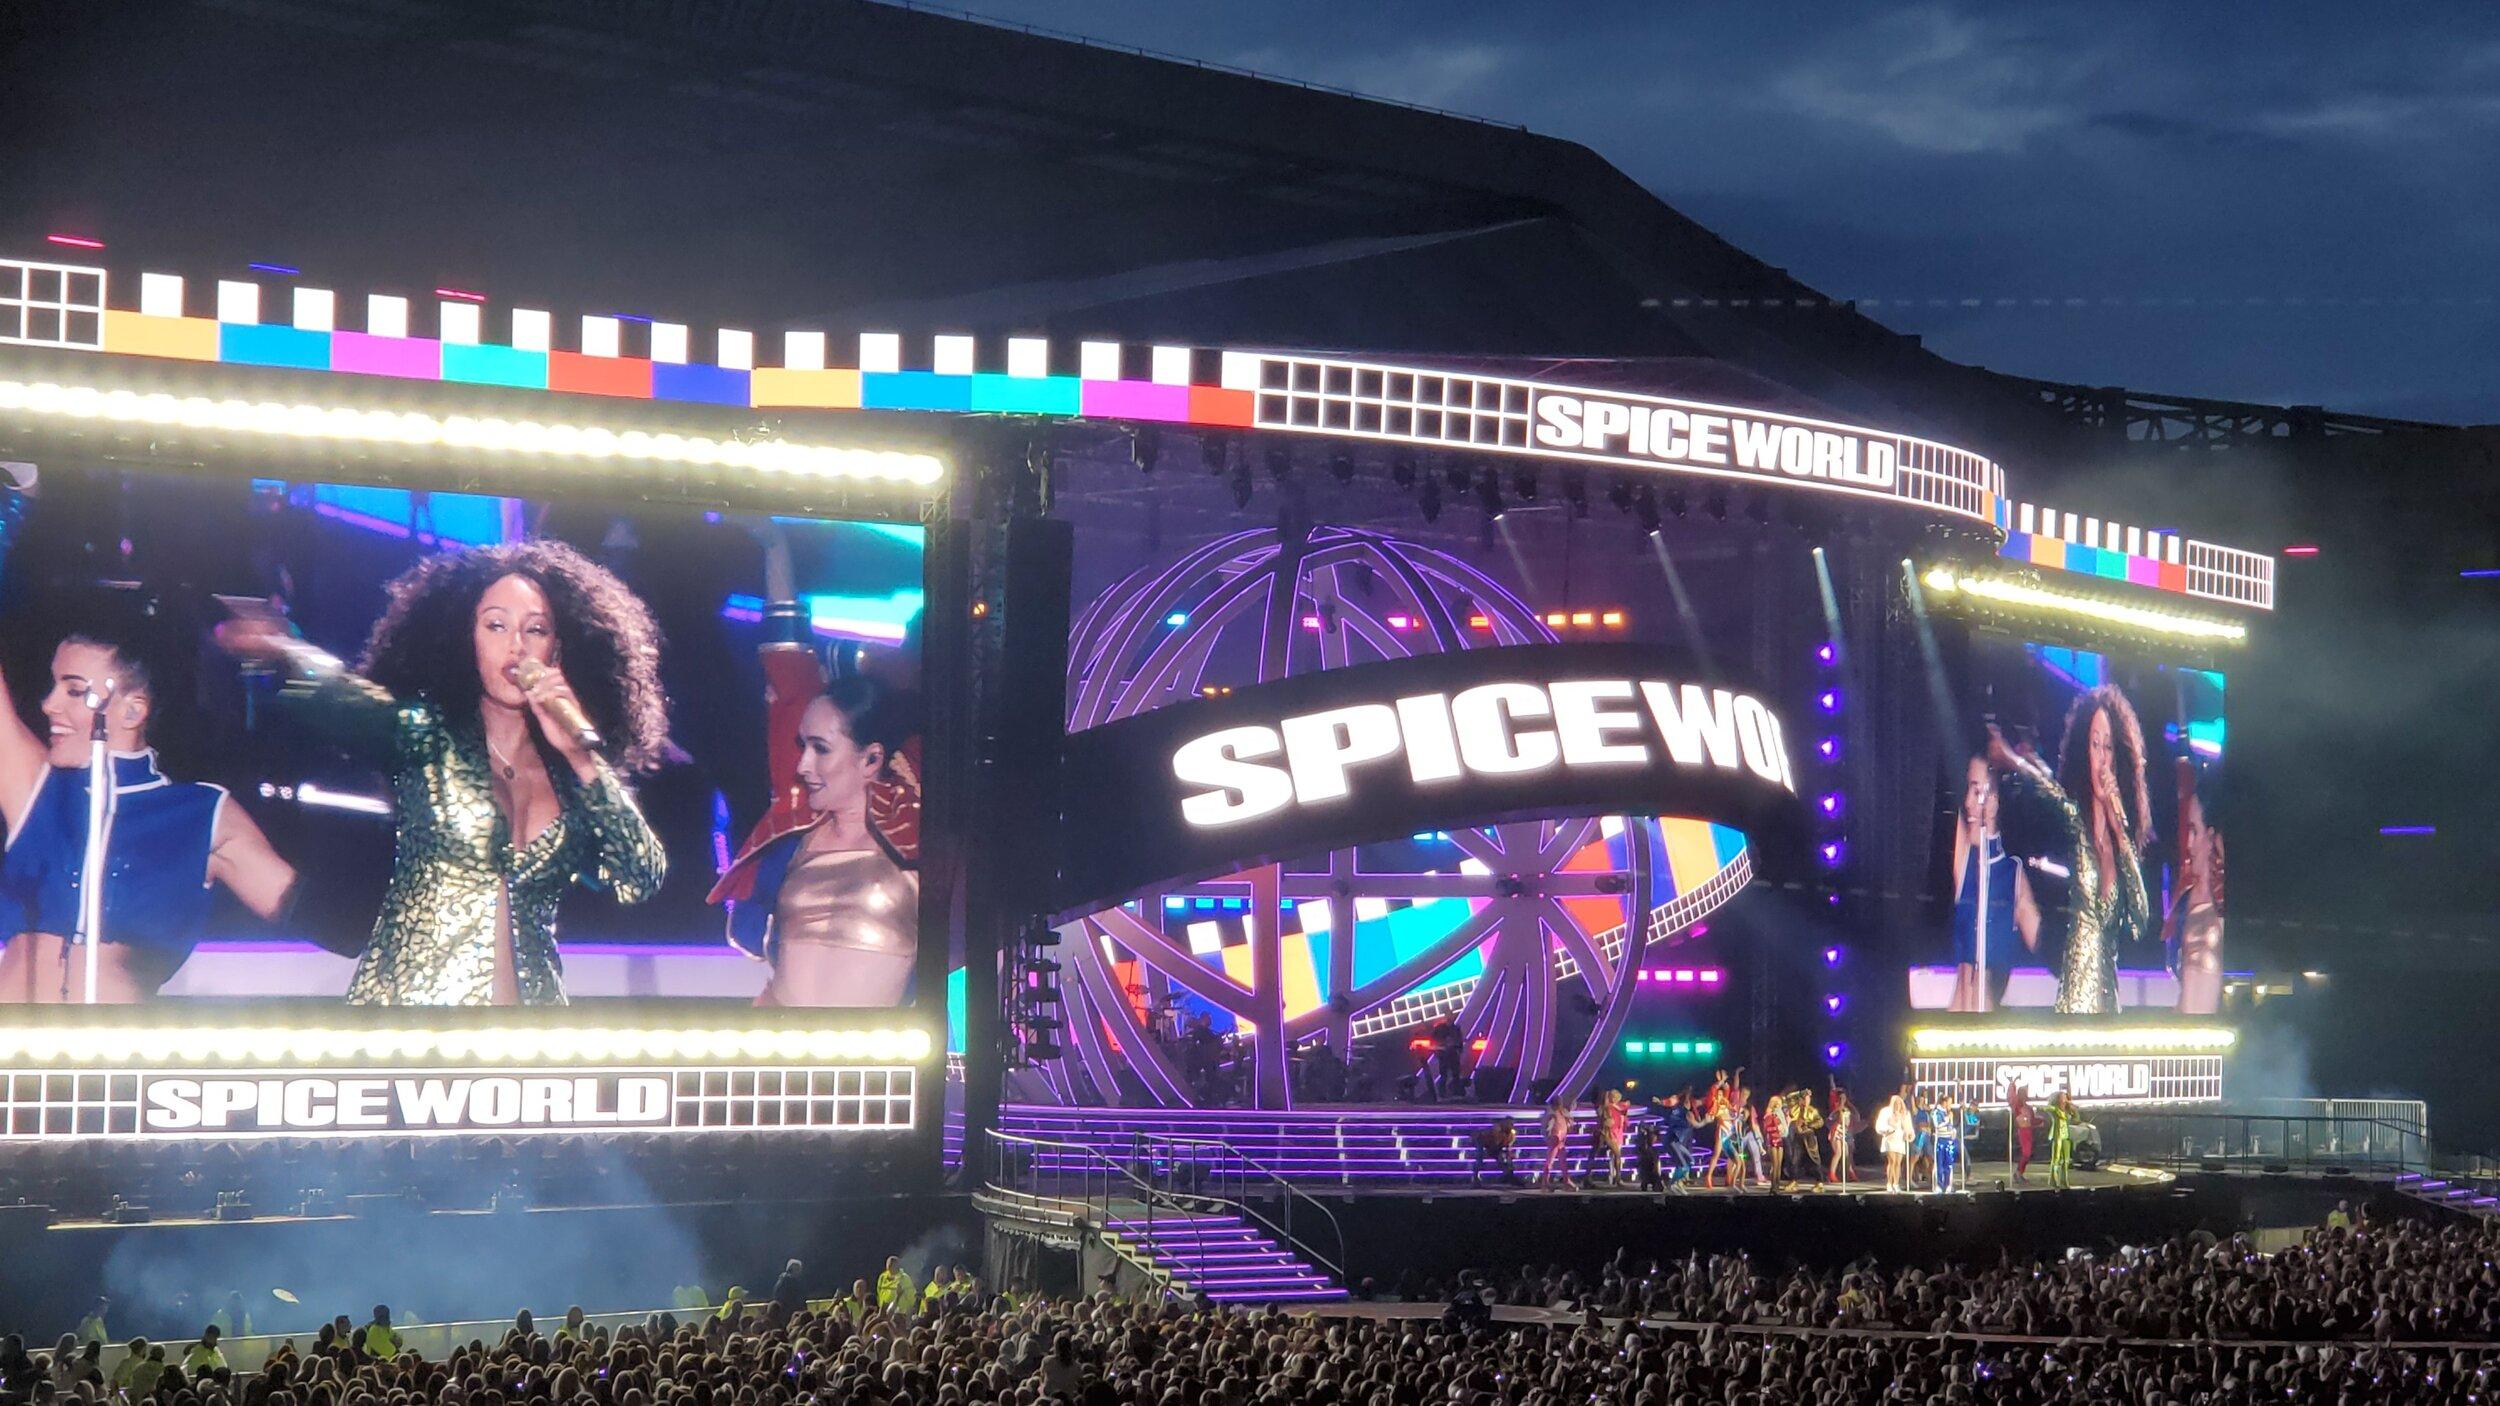 Spice Girls Spice World Reunion Tour, BT Murrayfield Stadium, 08Jun19